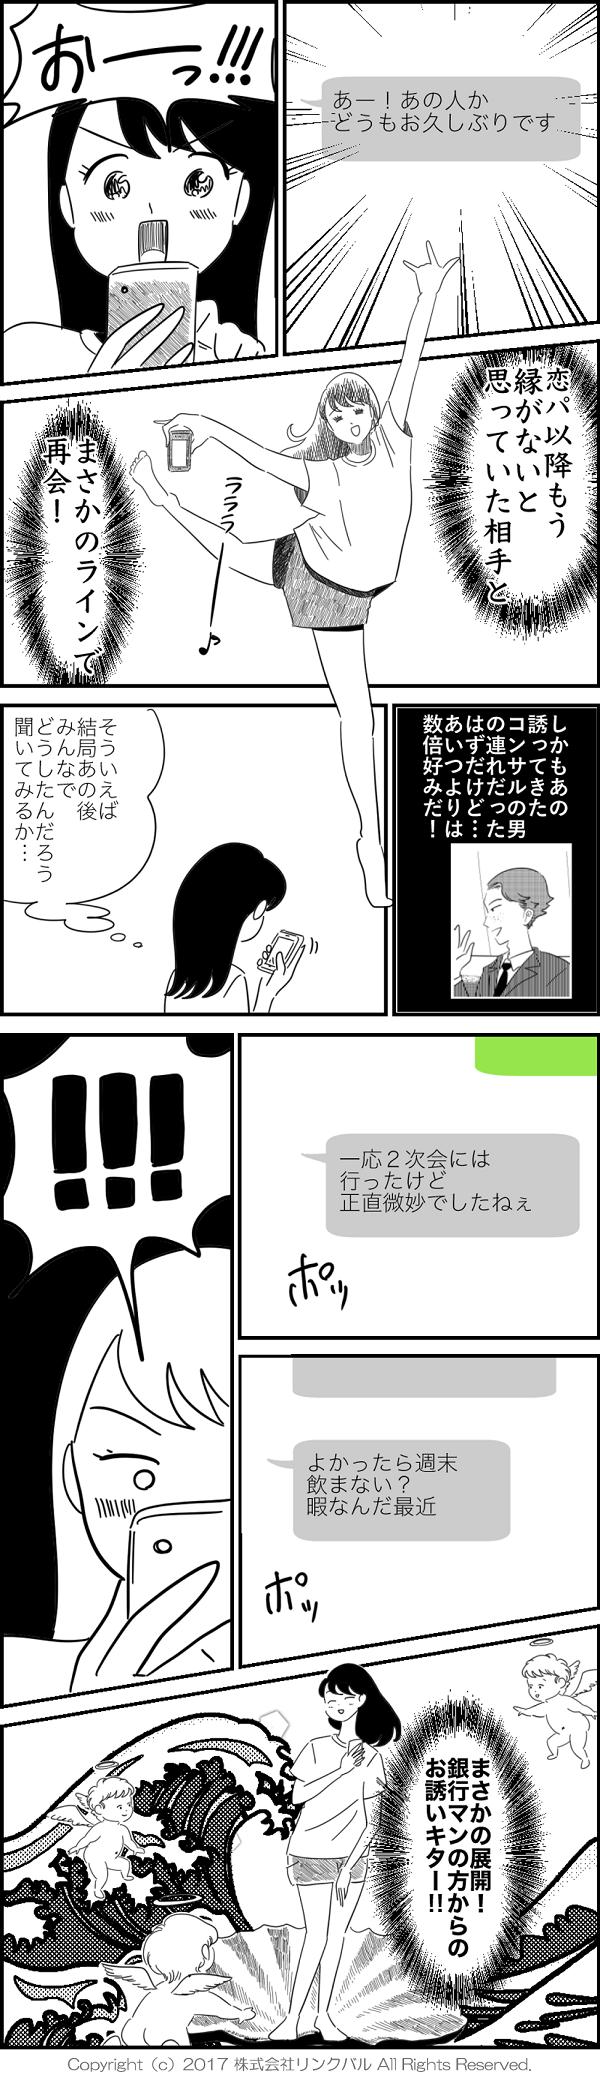 【婚活マンガ】その女、意識低い系につき婚活迷走中・銀行マンからまさかのお誘い